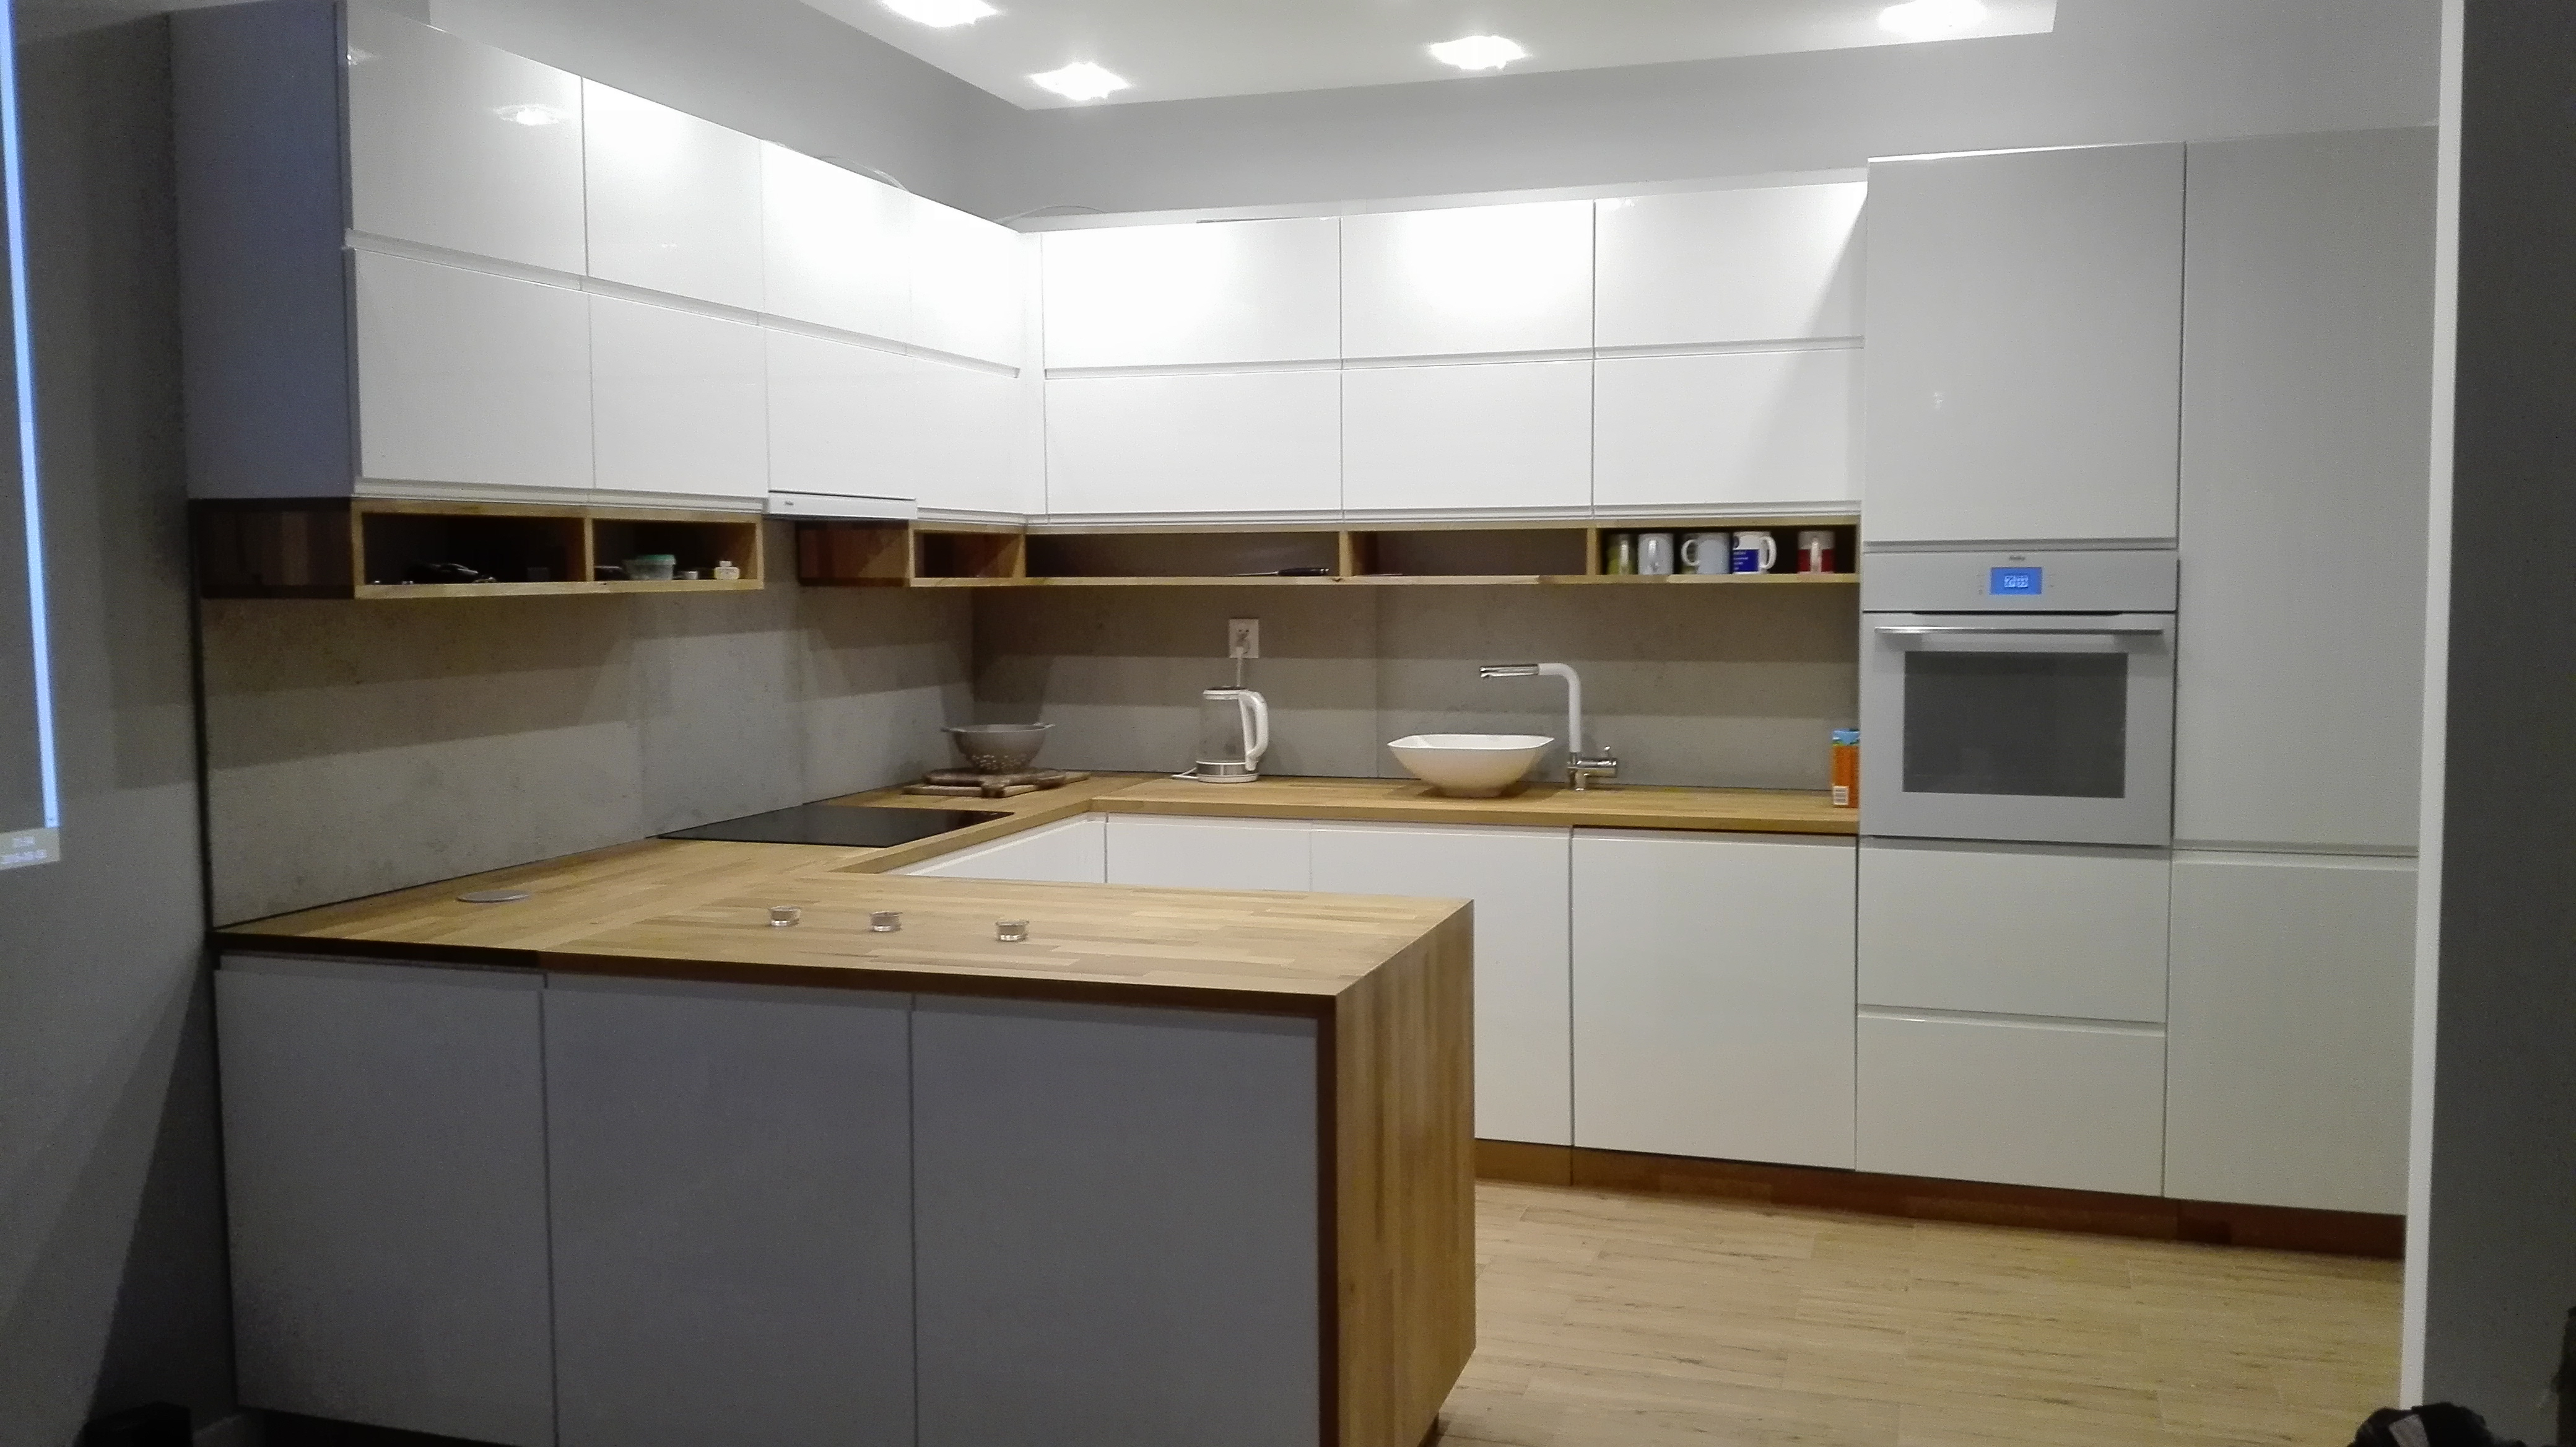 Beton Architektoniczny Do Kuchni I łazienki Concrete Art